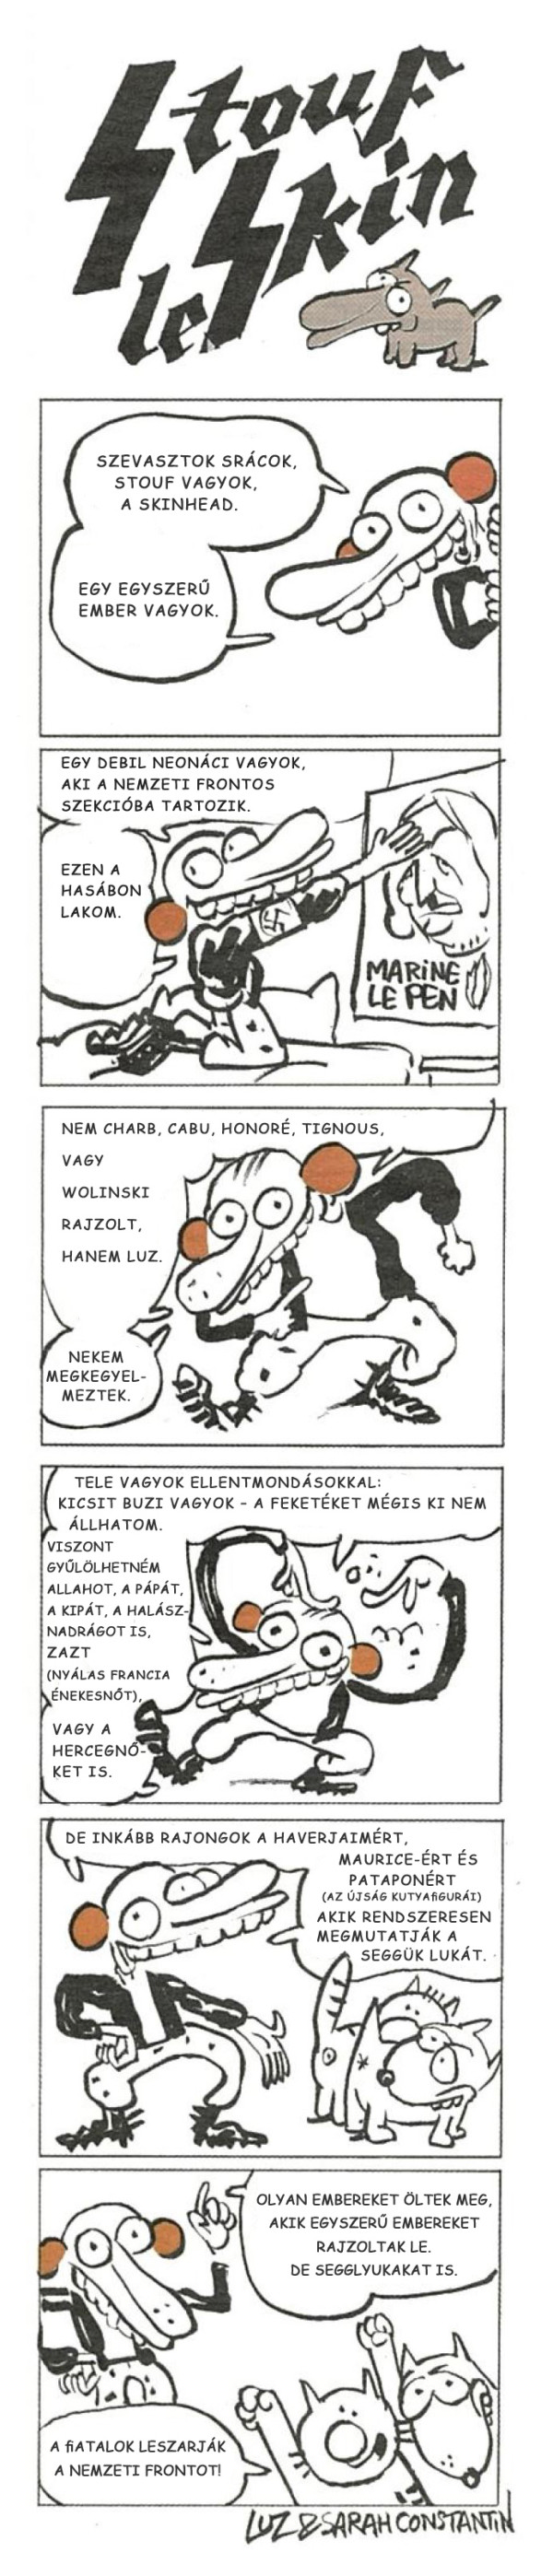 (Maurice és Patapon Charb kedves, visszatérő figurái. A radikális-brutális Maurice kutya és a fasiszta-frigid Patapon macska párosa Maurice Papont, a franciaországi deportálásokat elindító hírhedt prefektust idézik meg.)